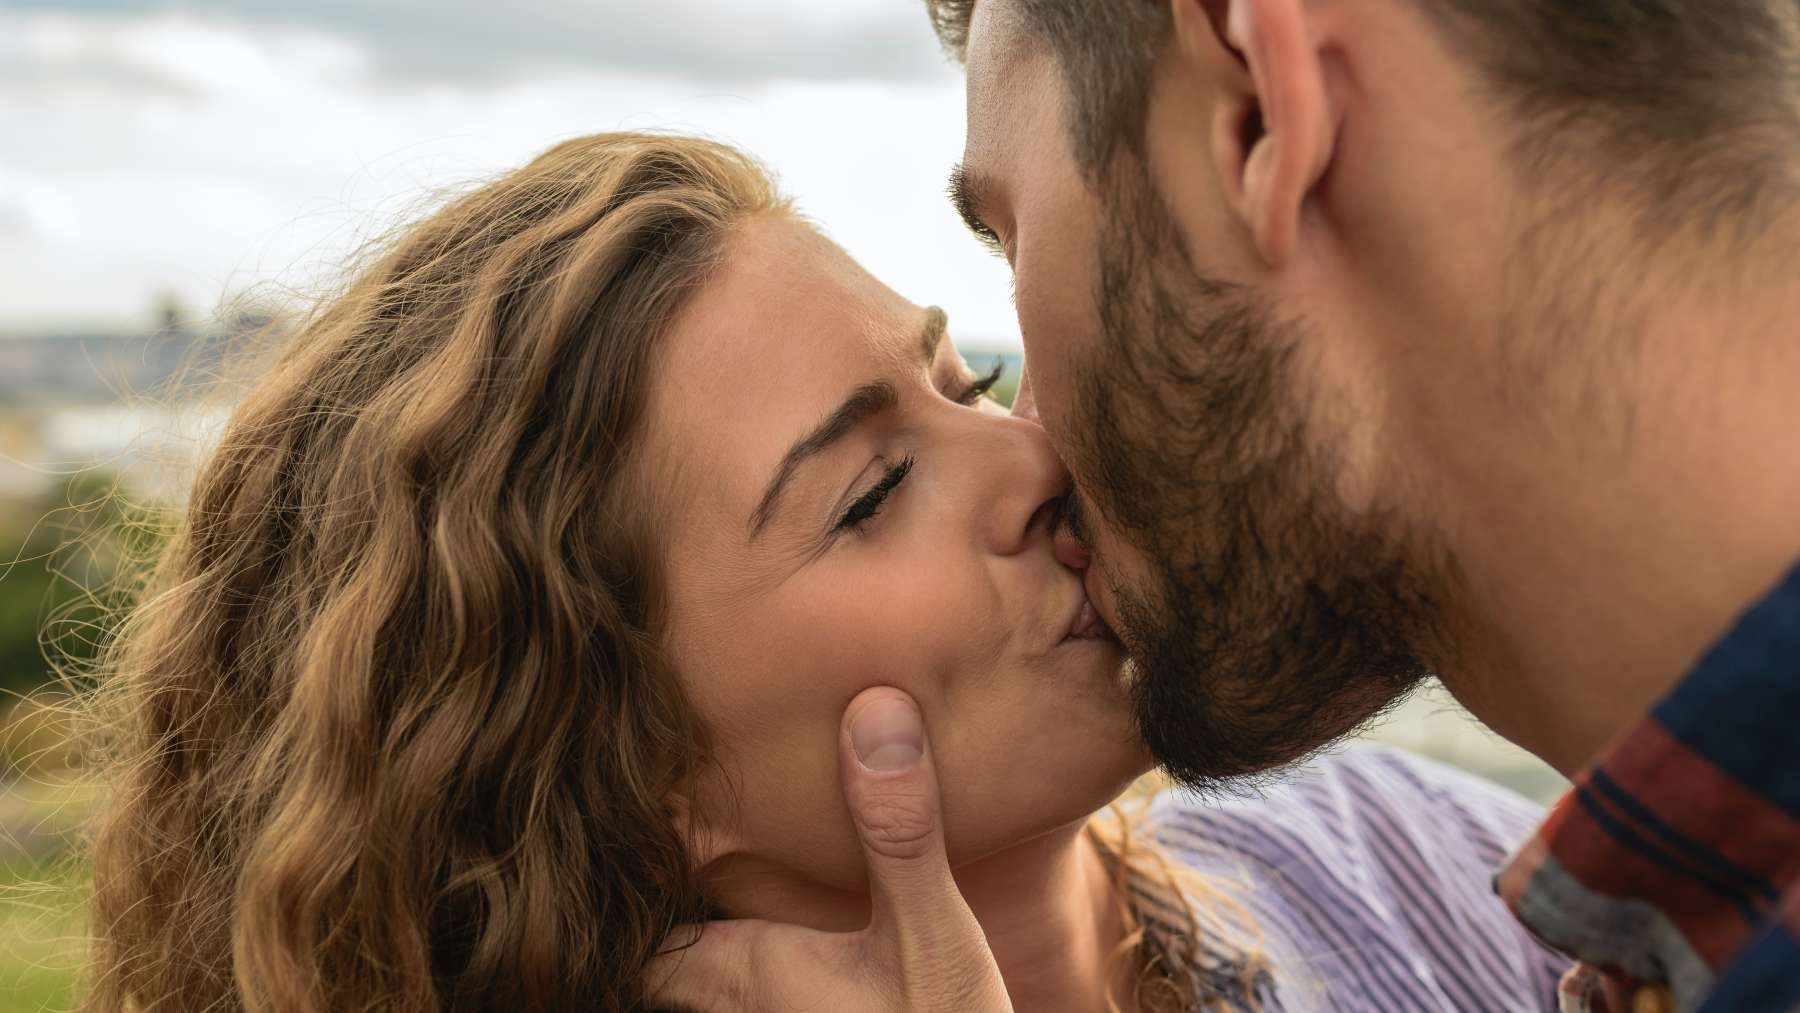 Beso y el sexo tántrico